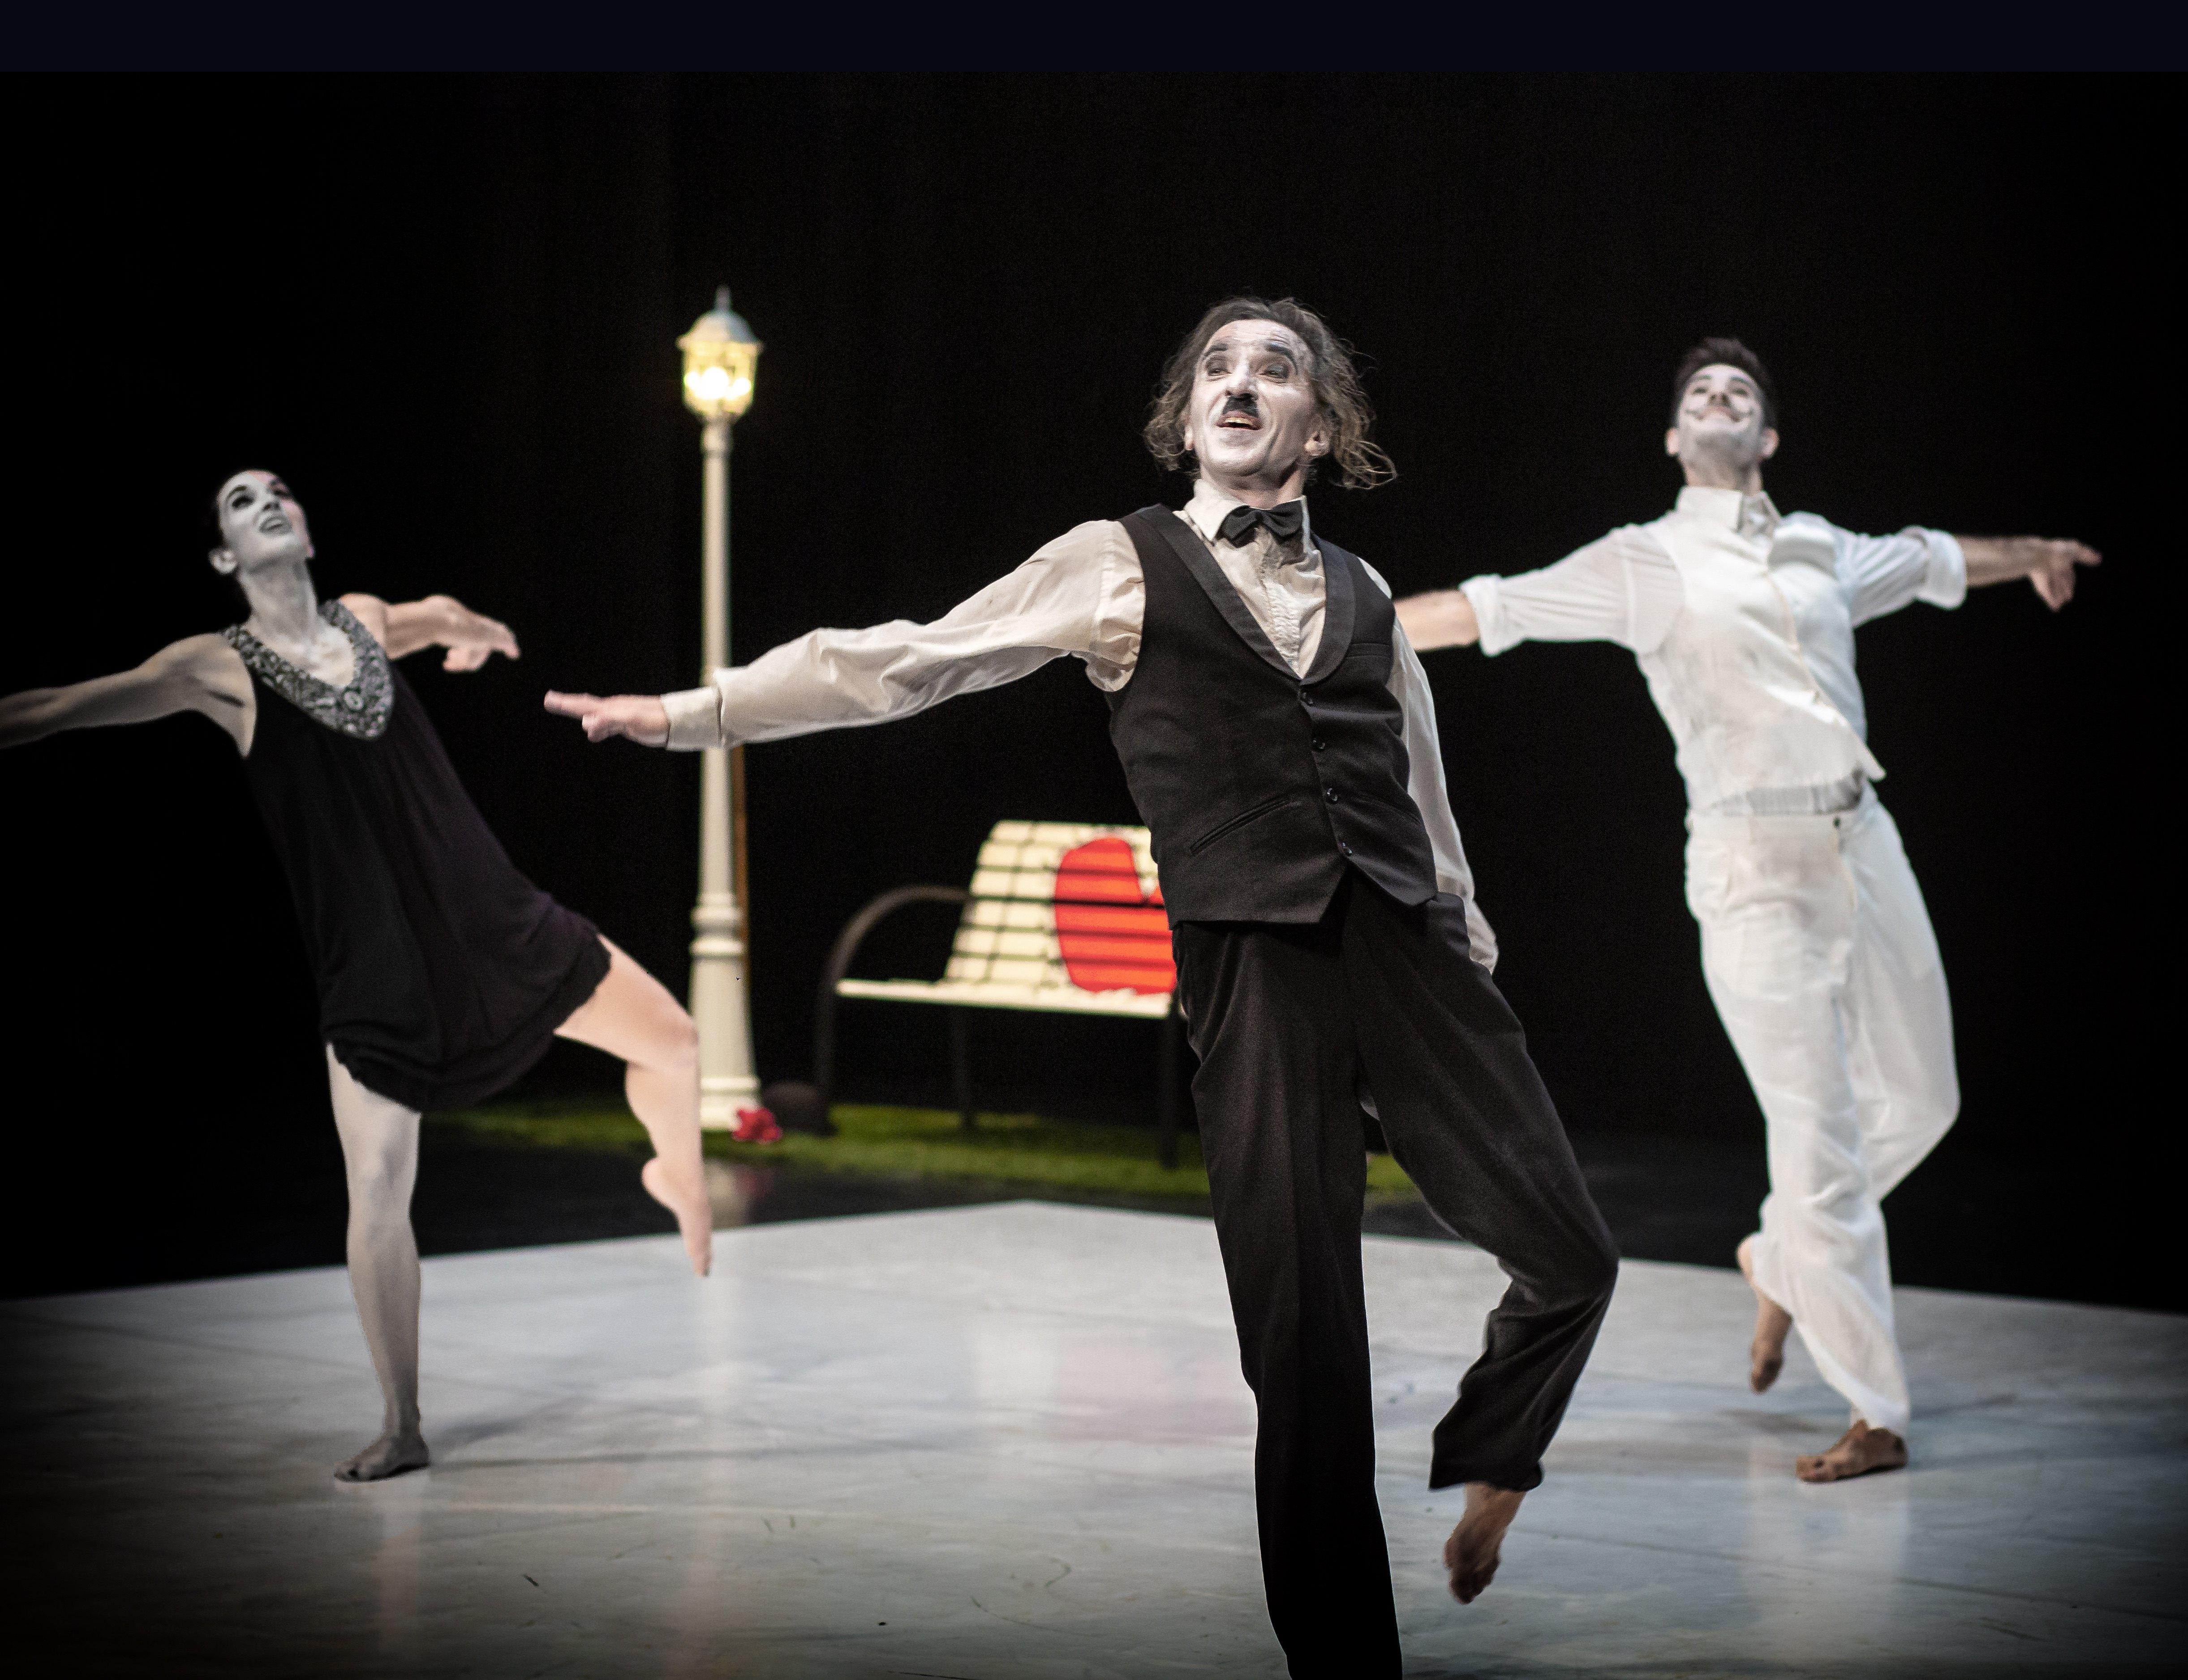 Foto de Representación en Sevilla de 'Charlie', de la compañía de danza del académico Fernando Hurtado, basado en la vida y obras de Charlie Chaplin